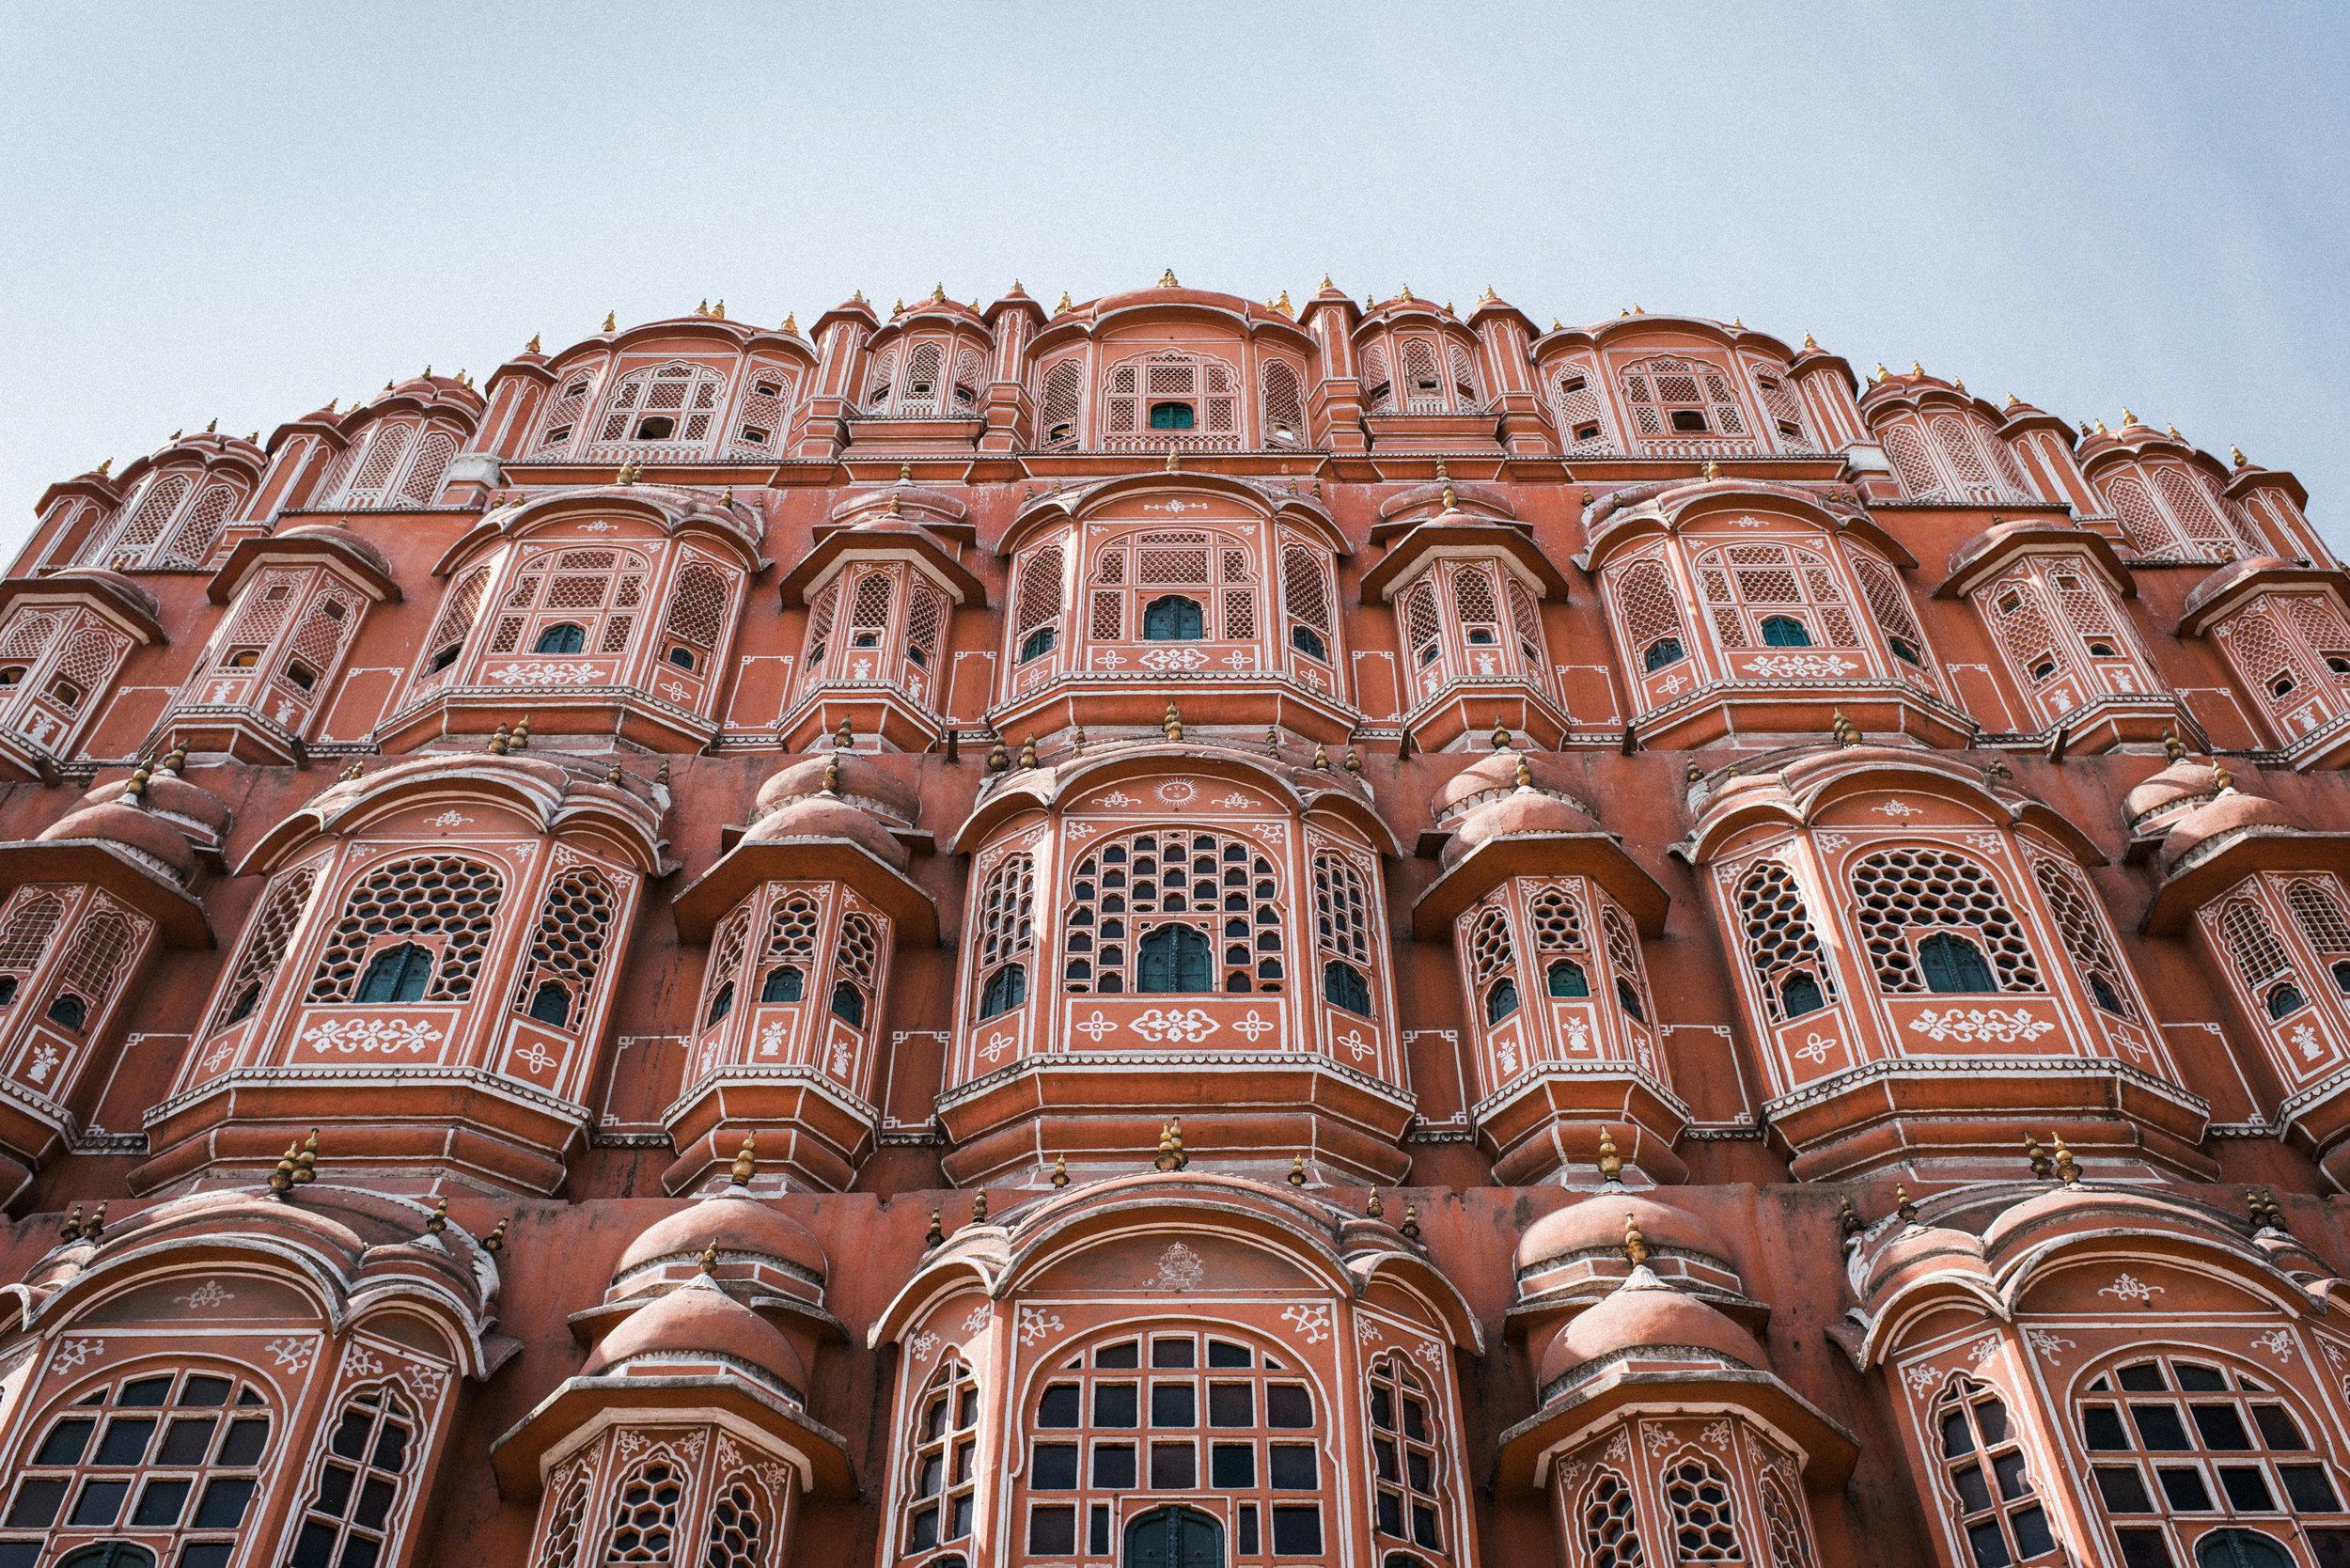 Hawa Mahal - Palace of Winds